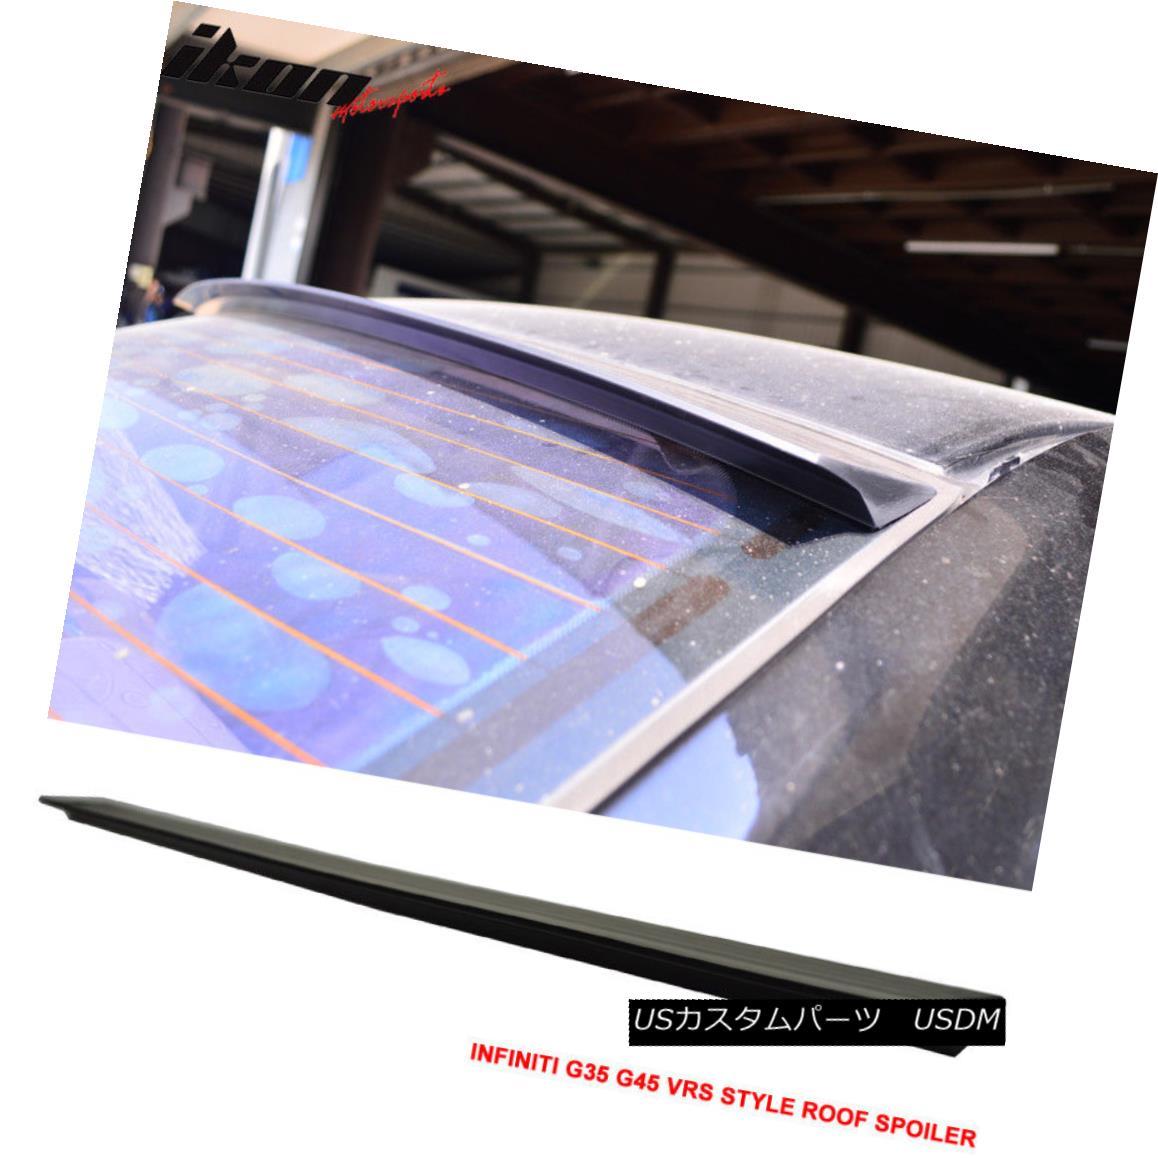 エアロパーツ For 03-07 Infiniti G35 G45 2D V35 VRS Style Roof Spoiler Wing Unpainted - PUF 03-07インフィニティG35 G45 2D V35 VRSスタイルルーフスポイラーウイング未塗装 - PUF